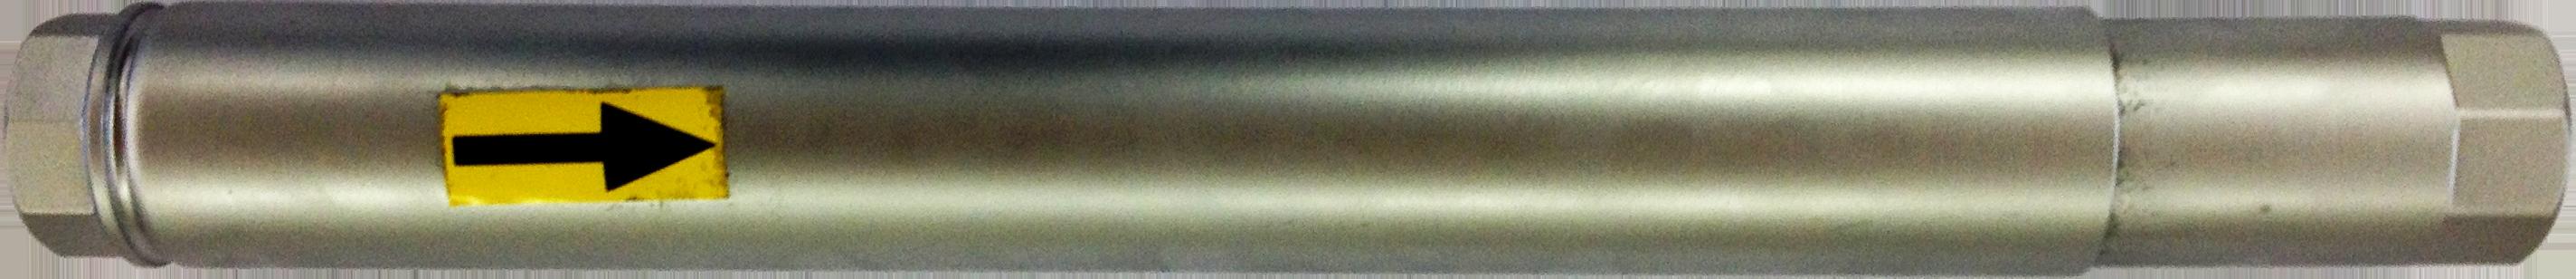 Монтаж сильфонного компенсатора полипропиленового